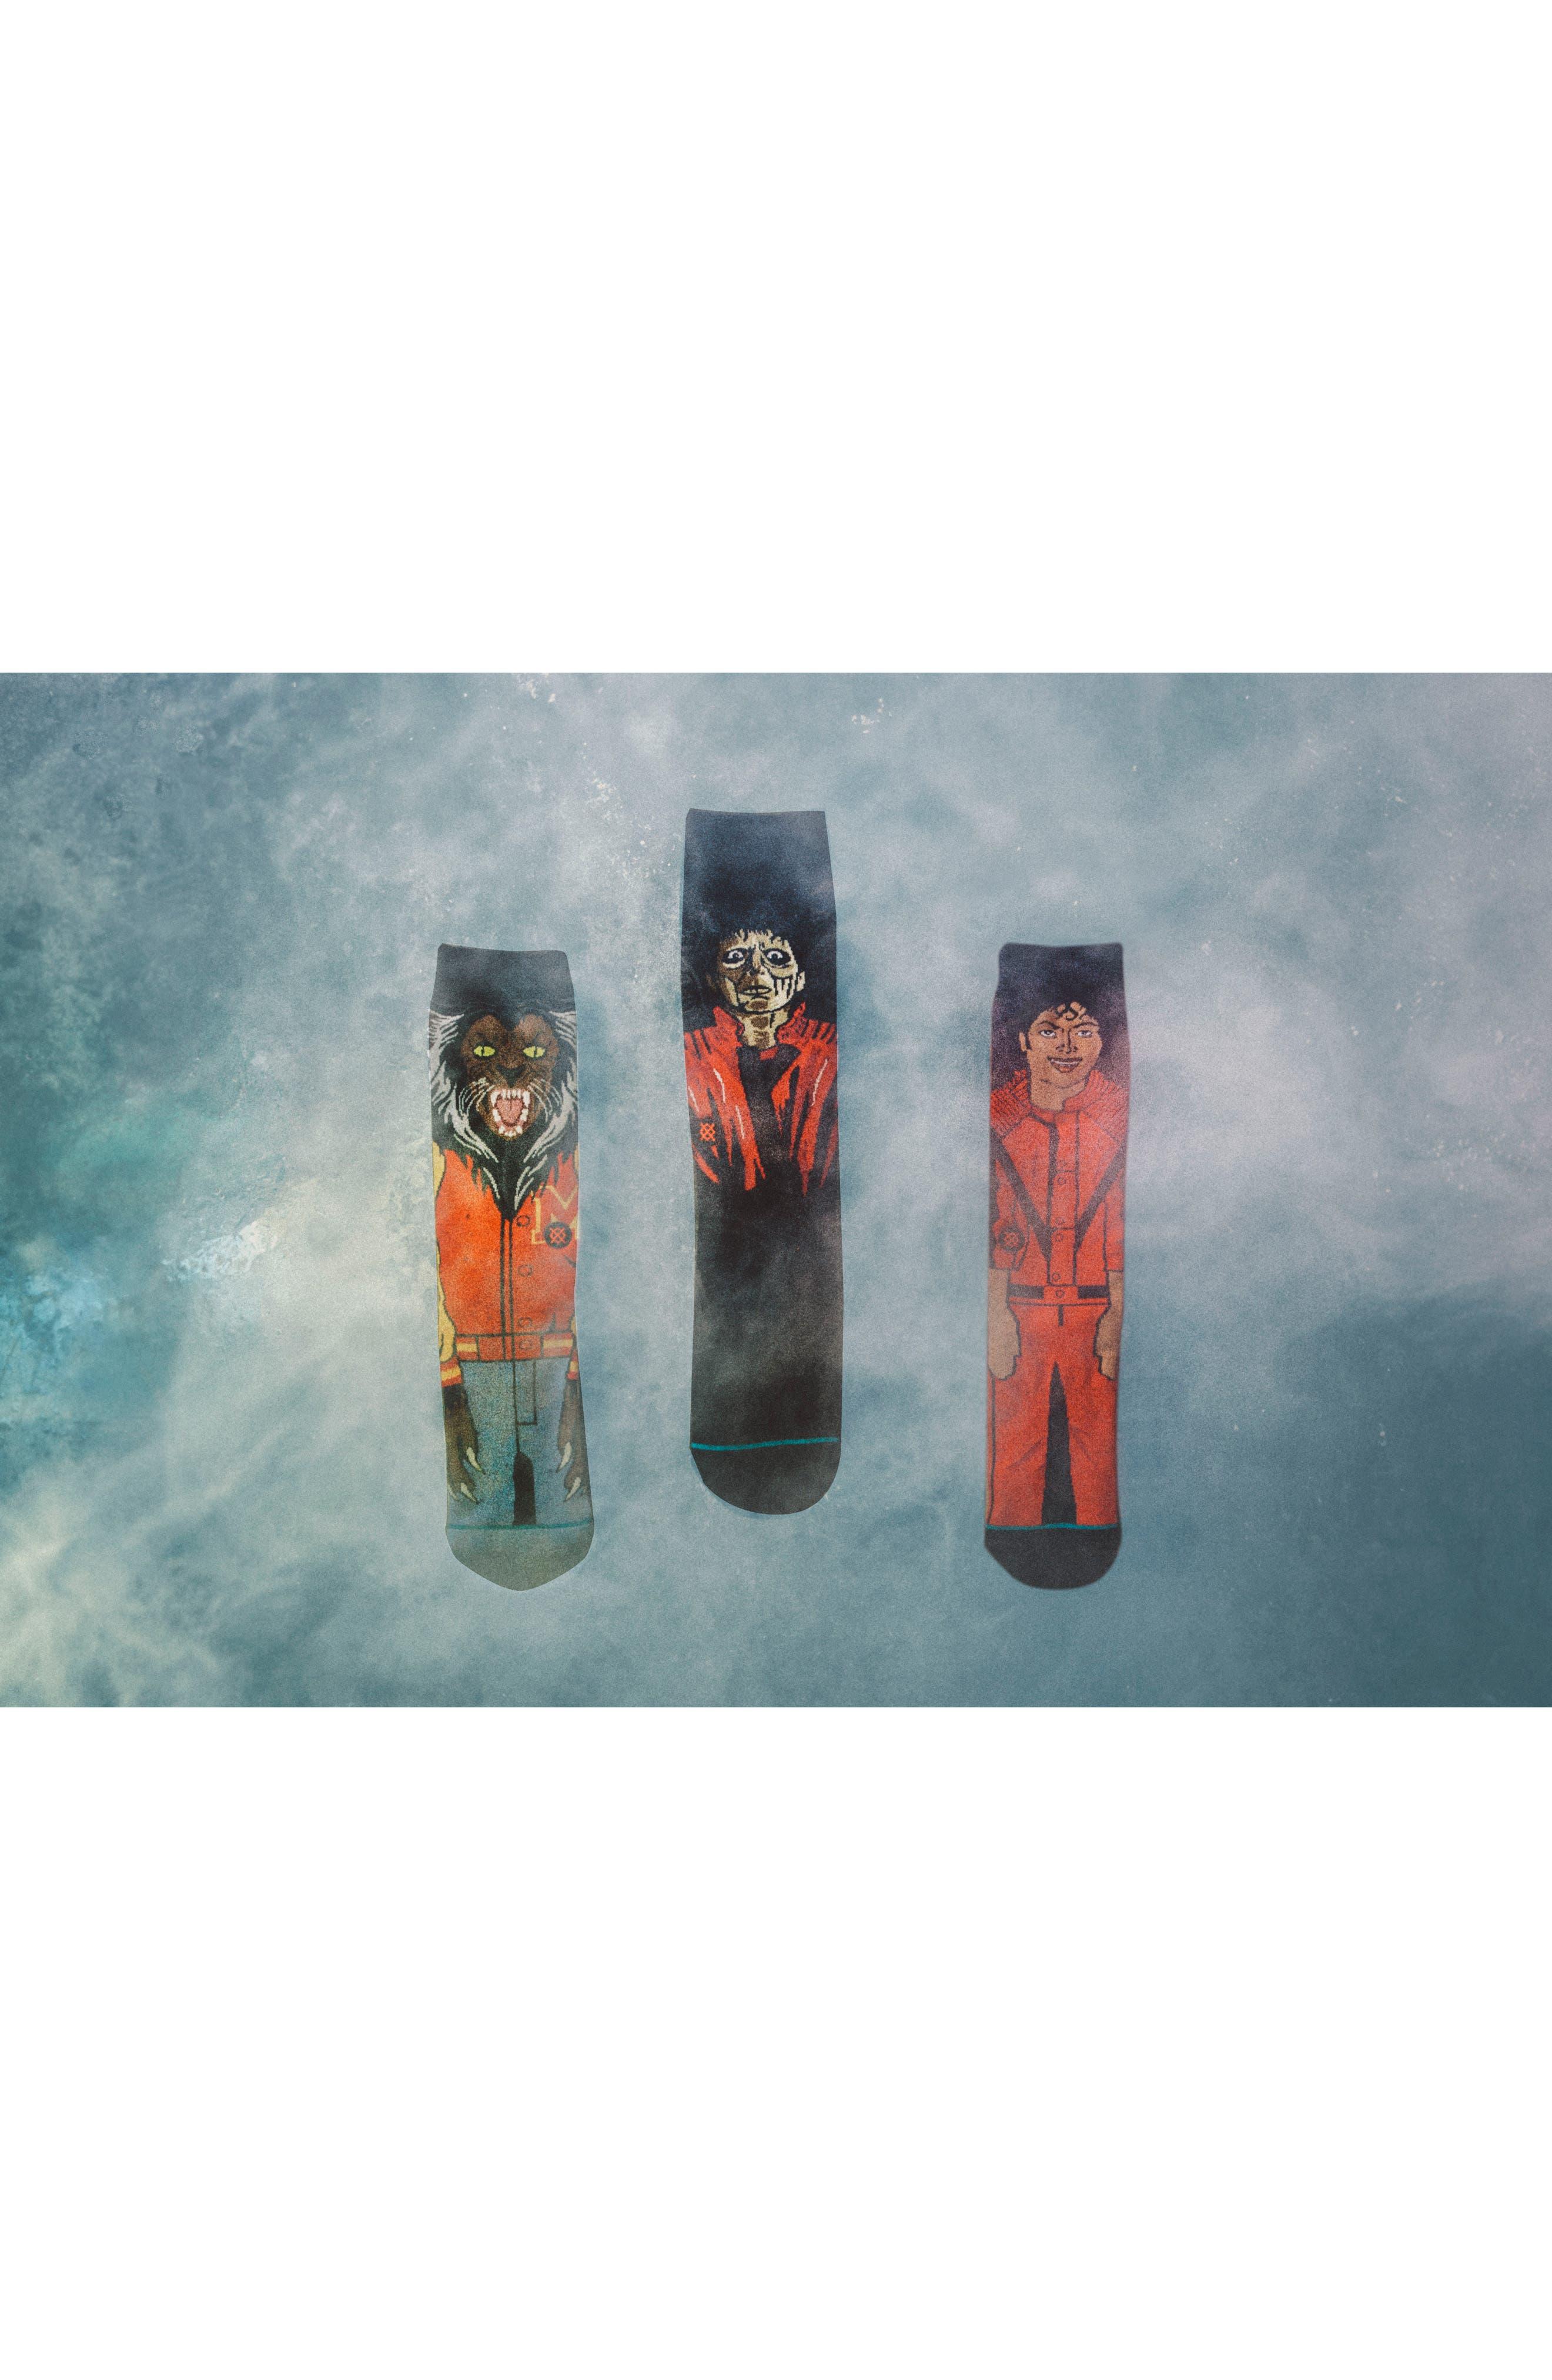 3-Pack Michael Jackson Thriller Socks,                             Alternate thumbnail 4, color,                             600